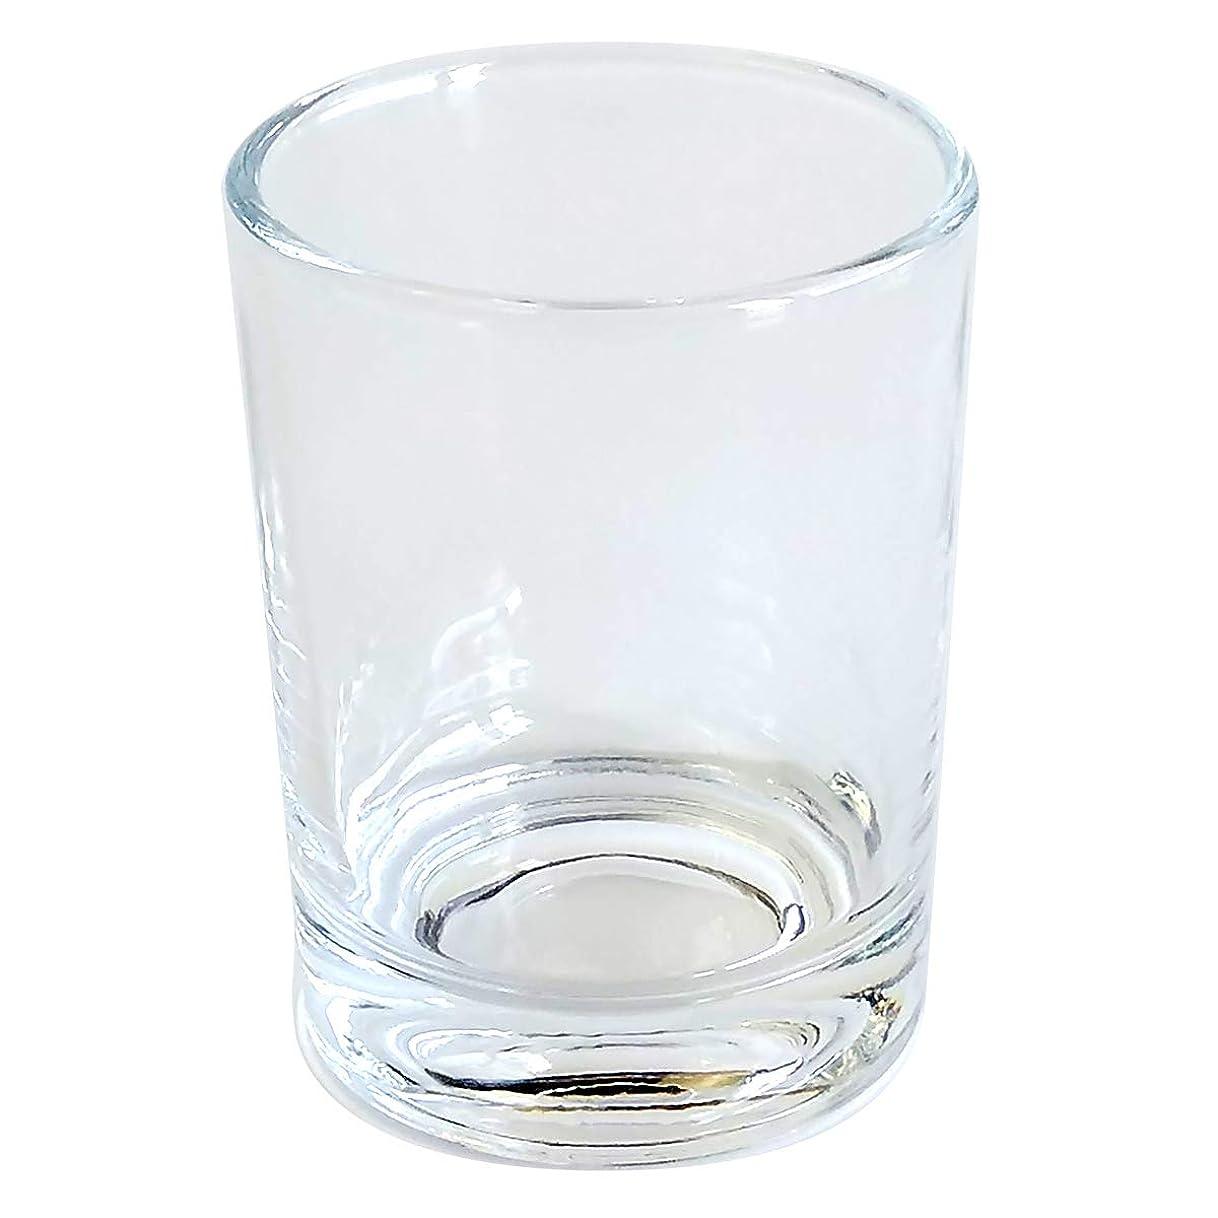 クリスチャンパールケーブルキャンドルホルダー ガラス シンプル[大] 1個 キャンドルスタンド ろうそく立て おしゃれ